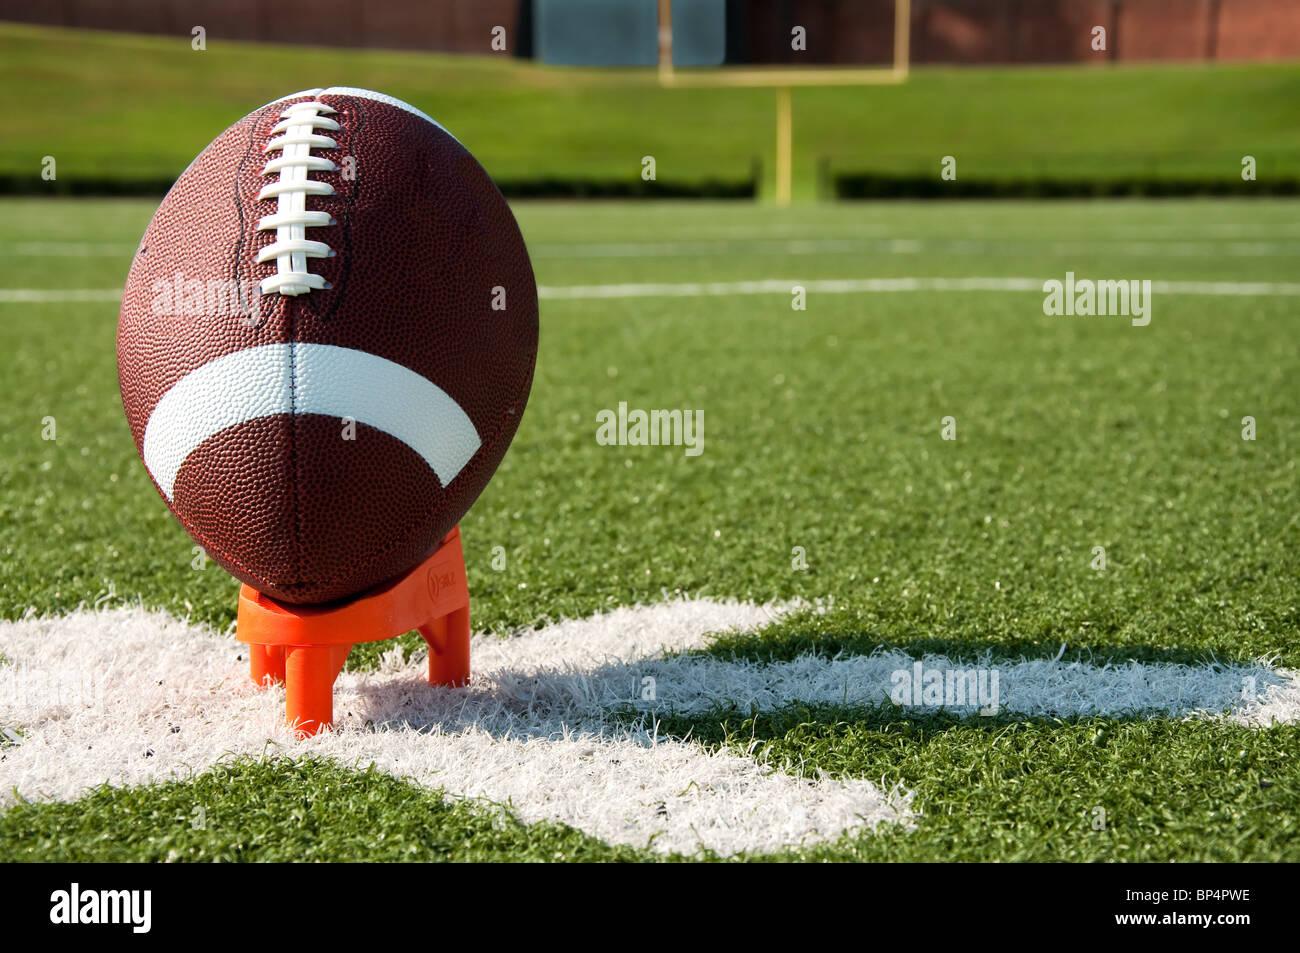 Fútbol Americano en Kicking tee en el campo Imagen De Stock